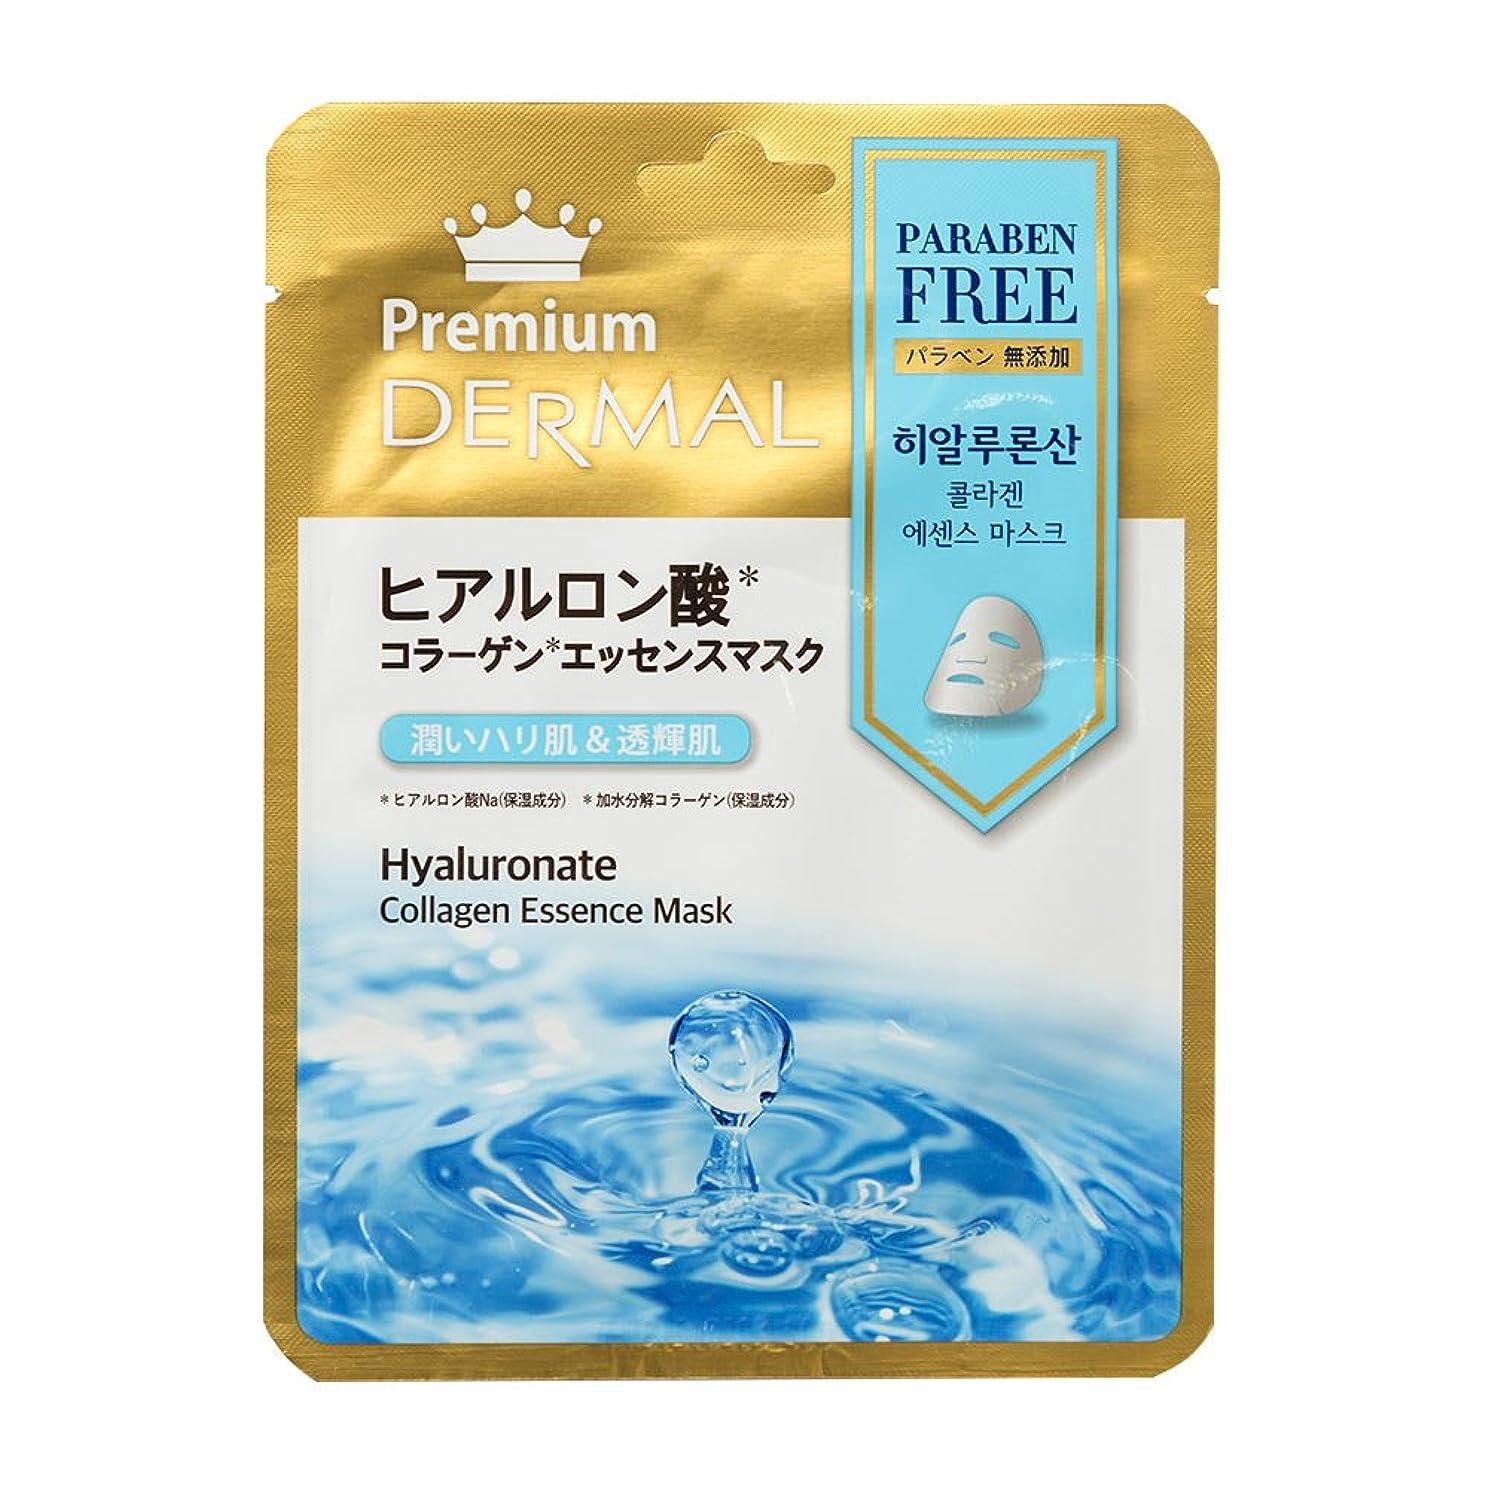 強います倫理的つぼみダーマルプレミアム コラーゲンエッセンスマスク DP010 ヒアルロン酸 25ml/1枚